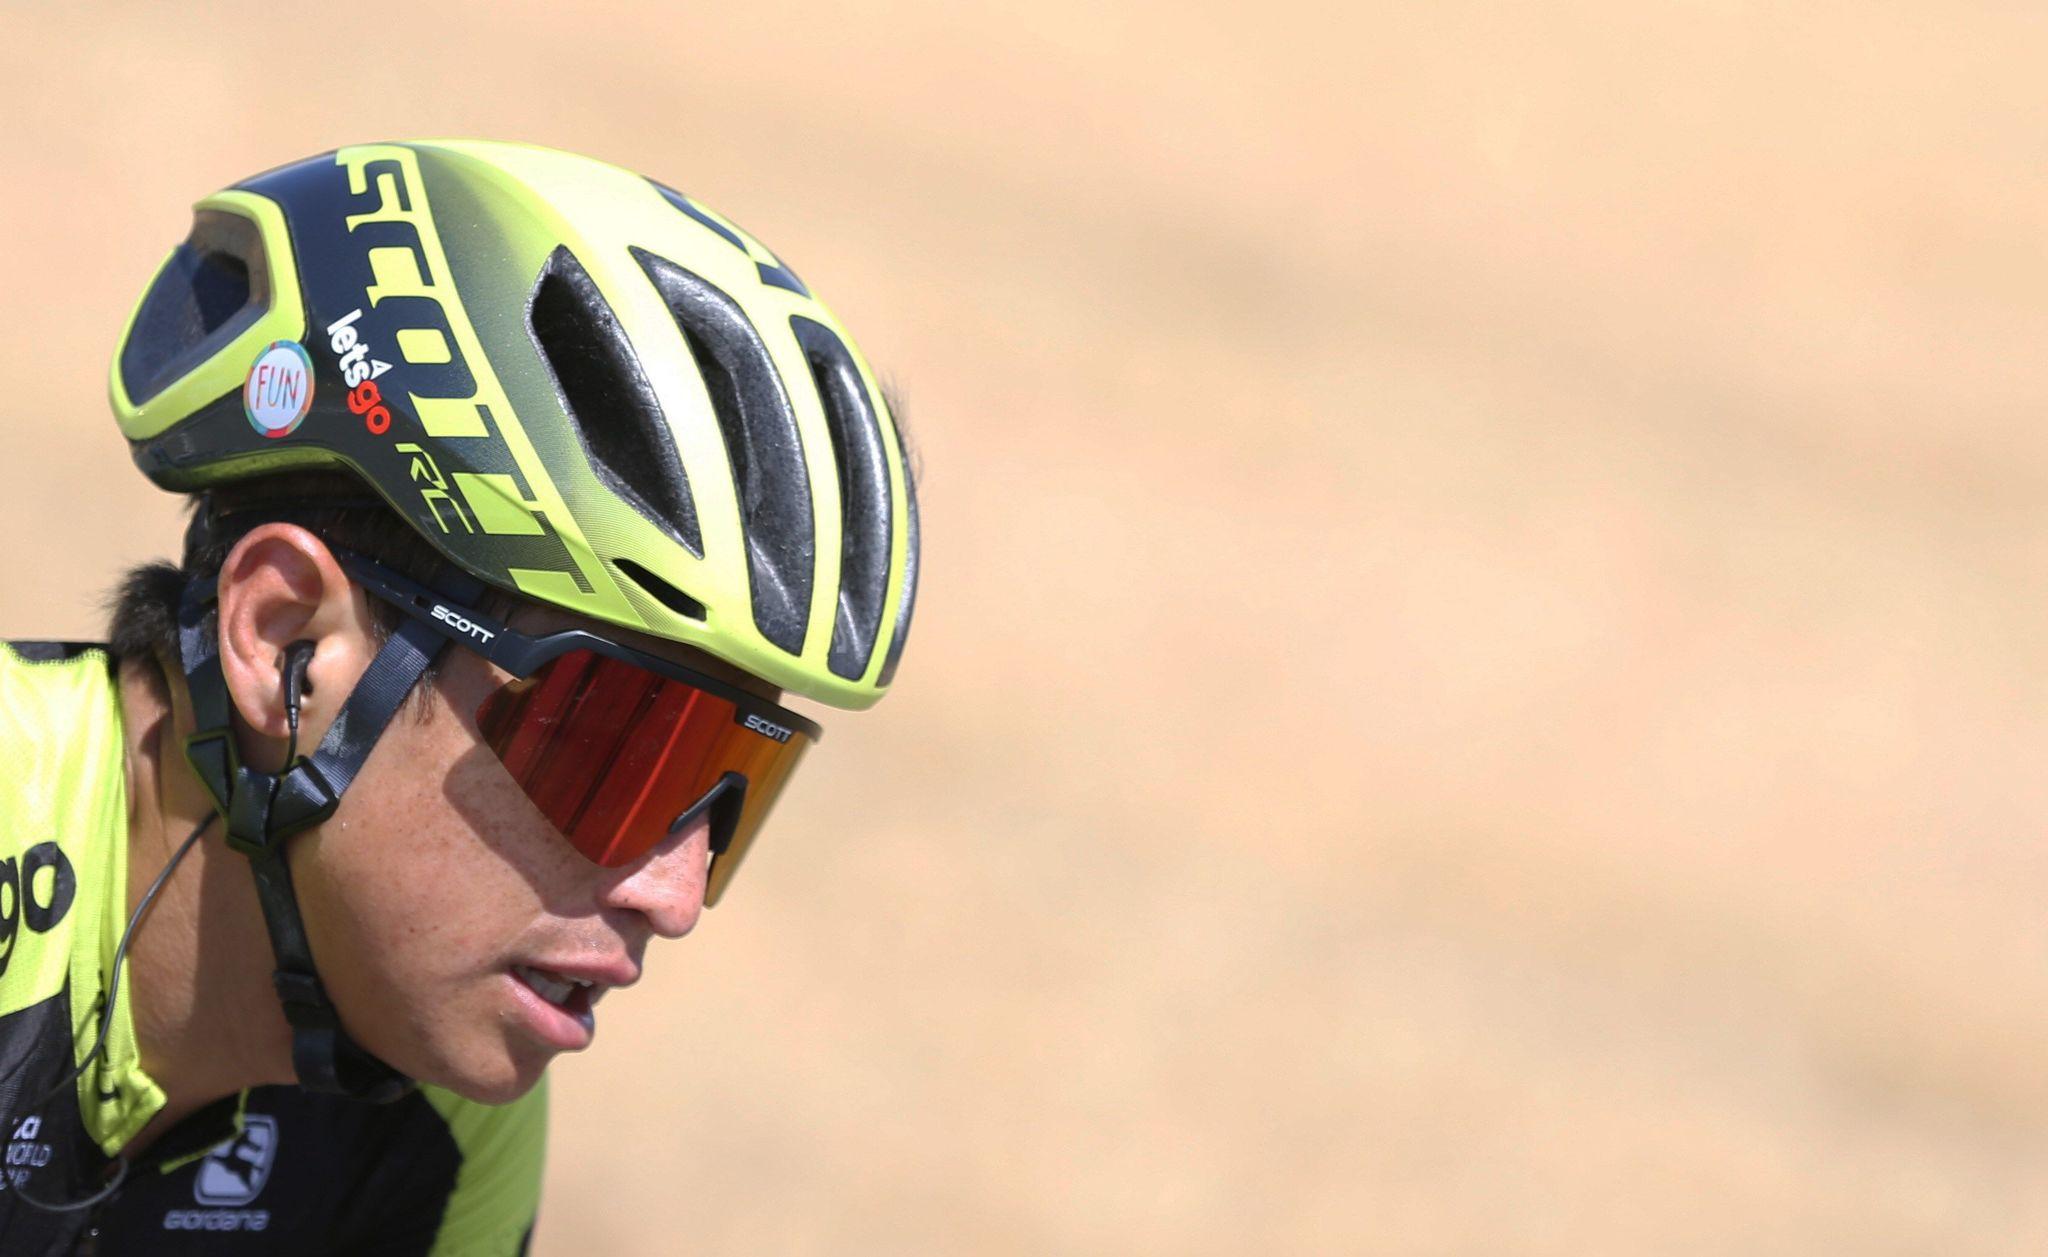 GRAF177. ATIENZA (GUADALAJARA), 11/09/2019.- El ciclista colombiano del equipo Mitchelton-Scott Esteban Cháves en el pelotón este miércoles durante la décimo séptima etapa de la <HIT>Vuelta</HIT> a España 2019, carrera con salida en la localidad de burgalesa de Aranda de Duero y meta en Guadalajara, con un recorrido de 219,6 kilómetros. EFE/ Javier Lizón